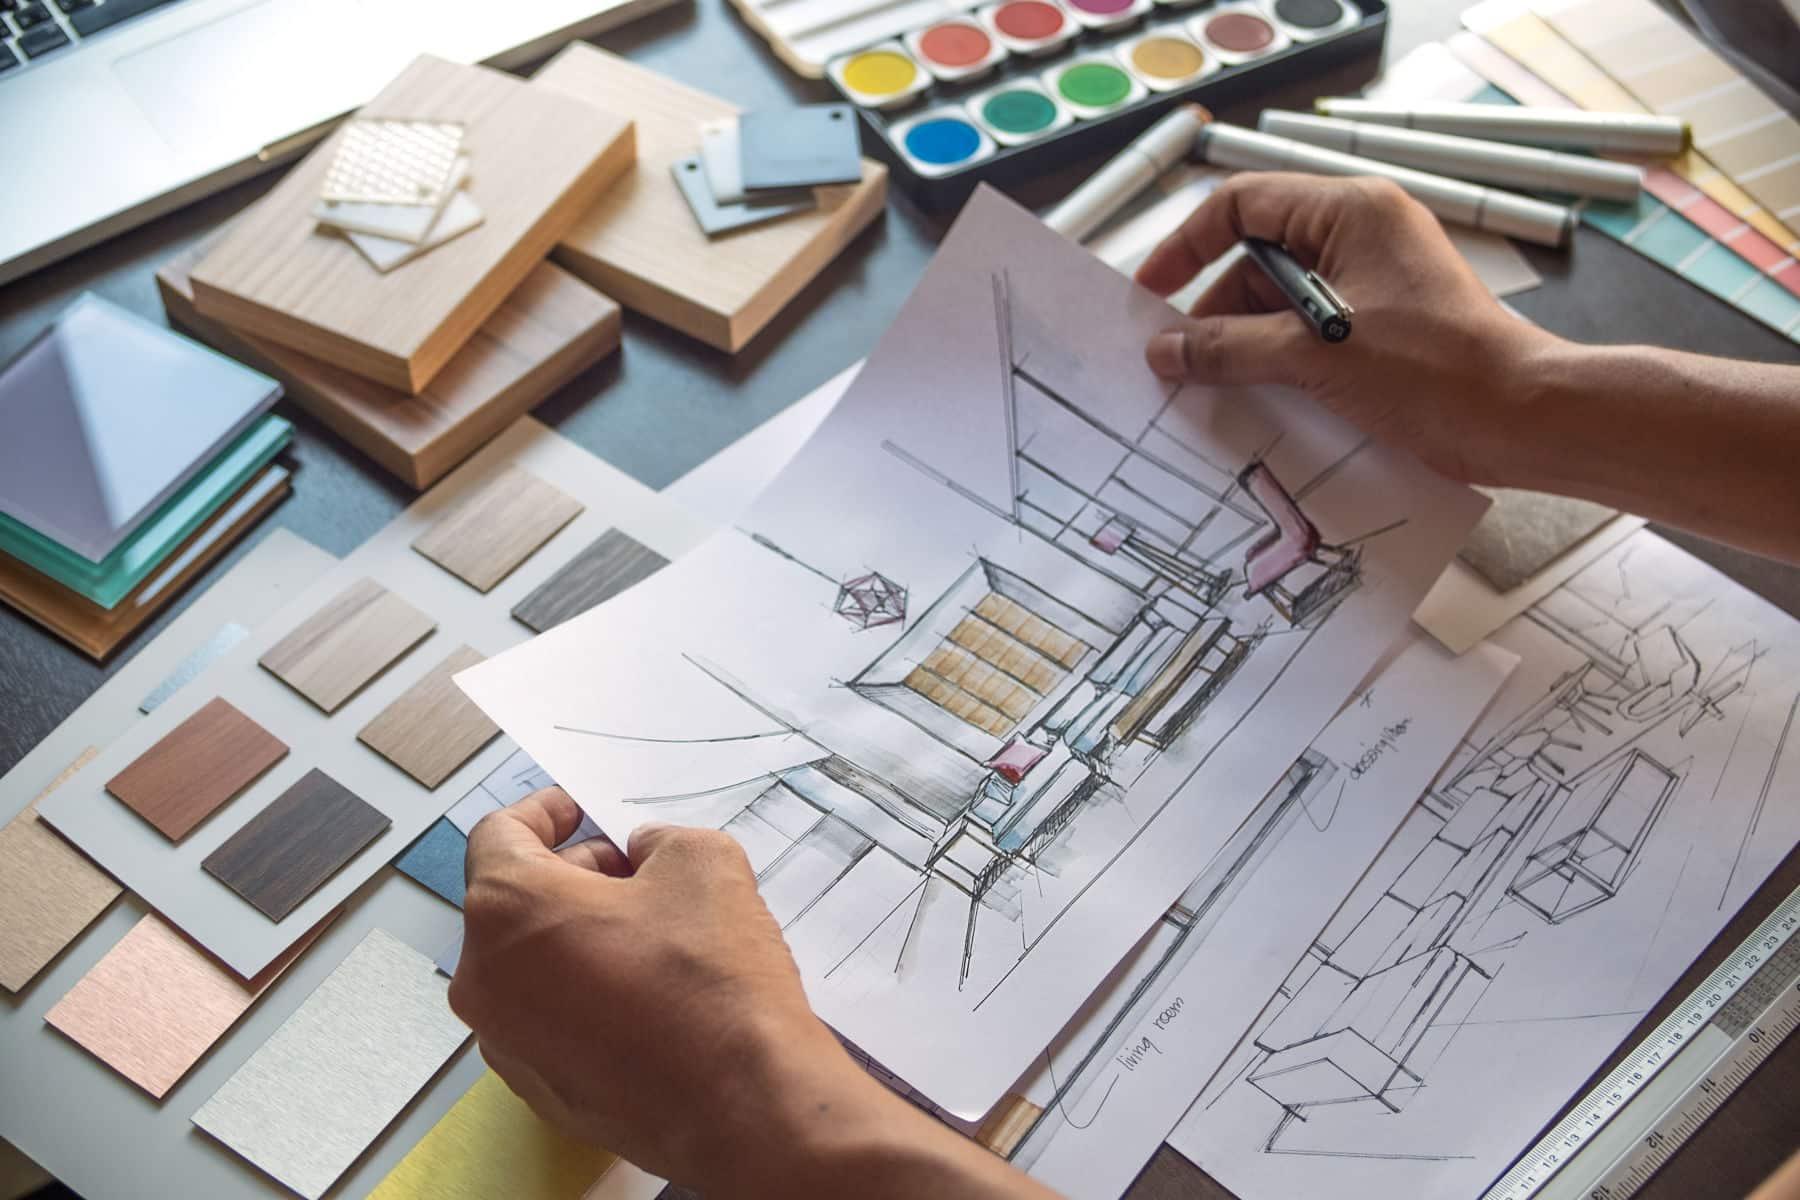 Bachelor architecte d'interieur, Formation décorateur d'interieur Paris